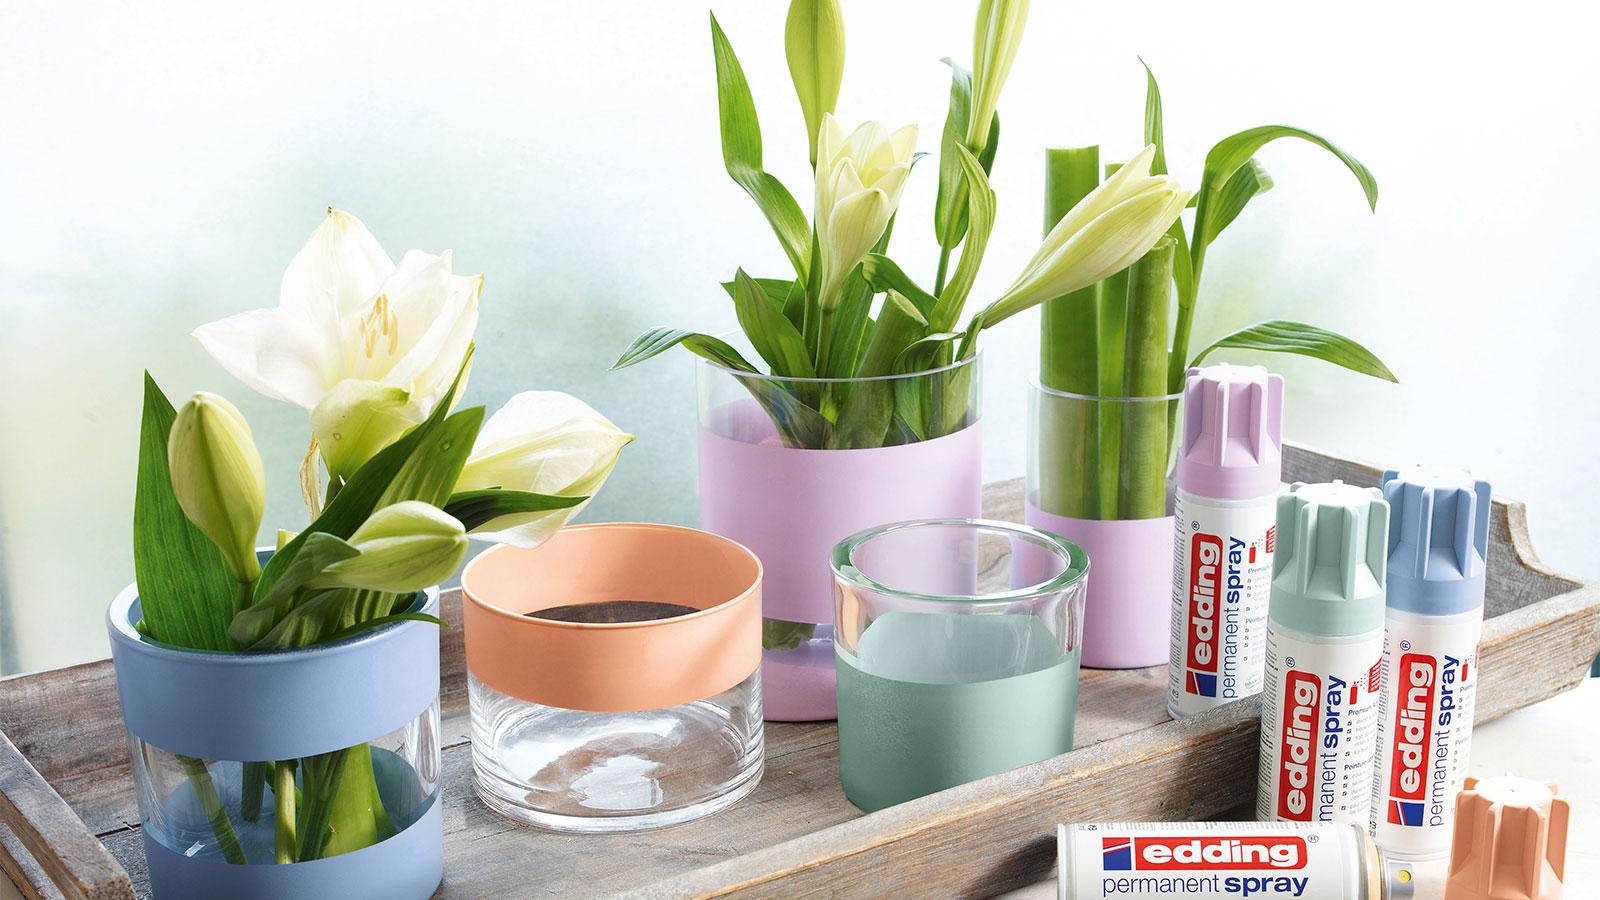 des vases en verre aux couleurs pastel - ideas - edding